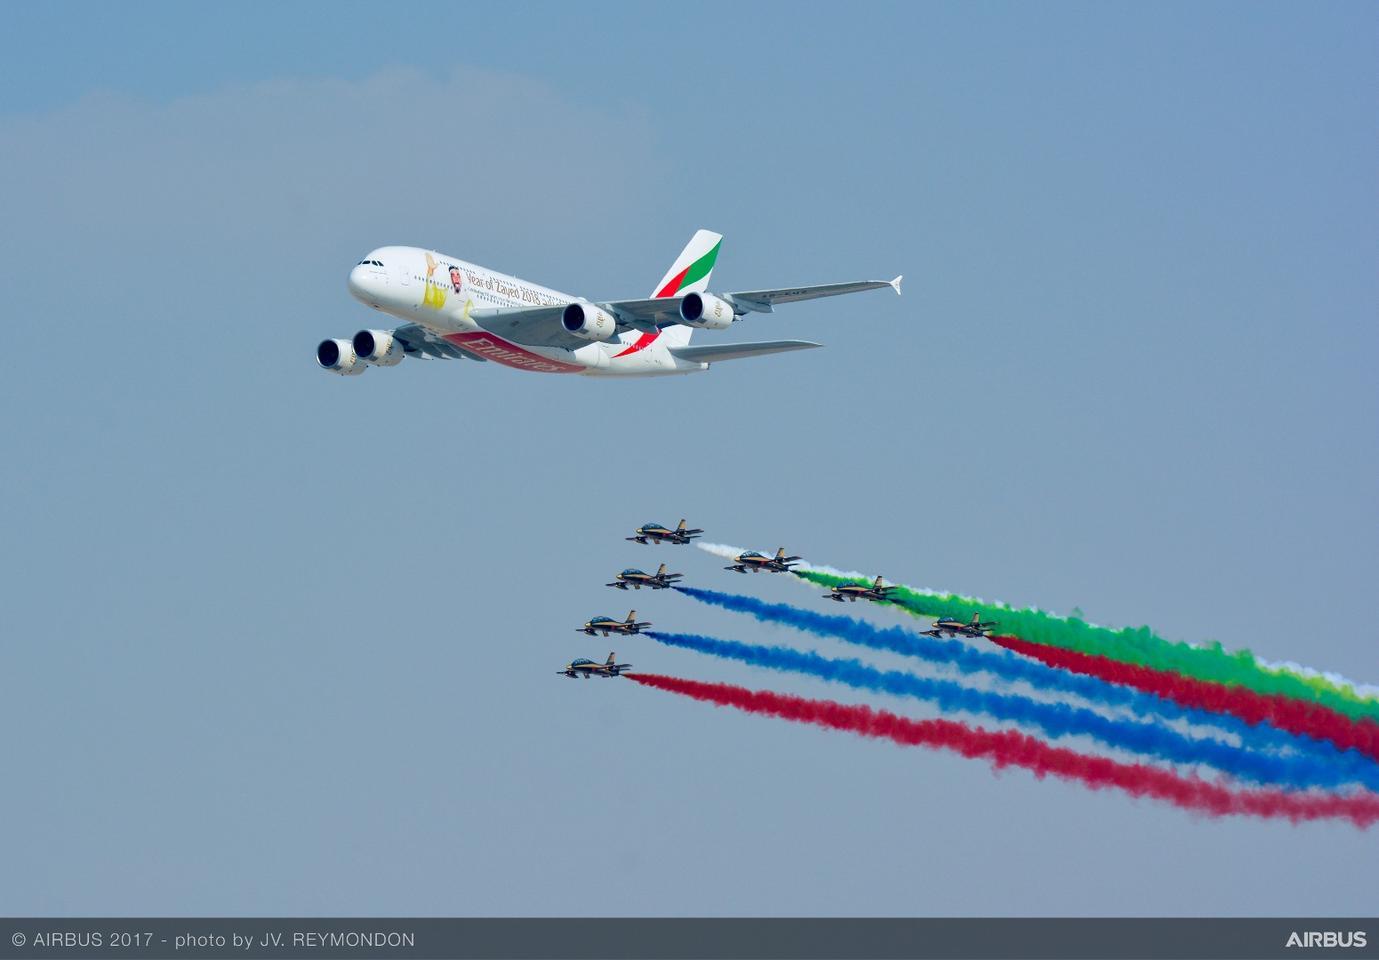 An A380 at the 2017 Dubai Air Show